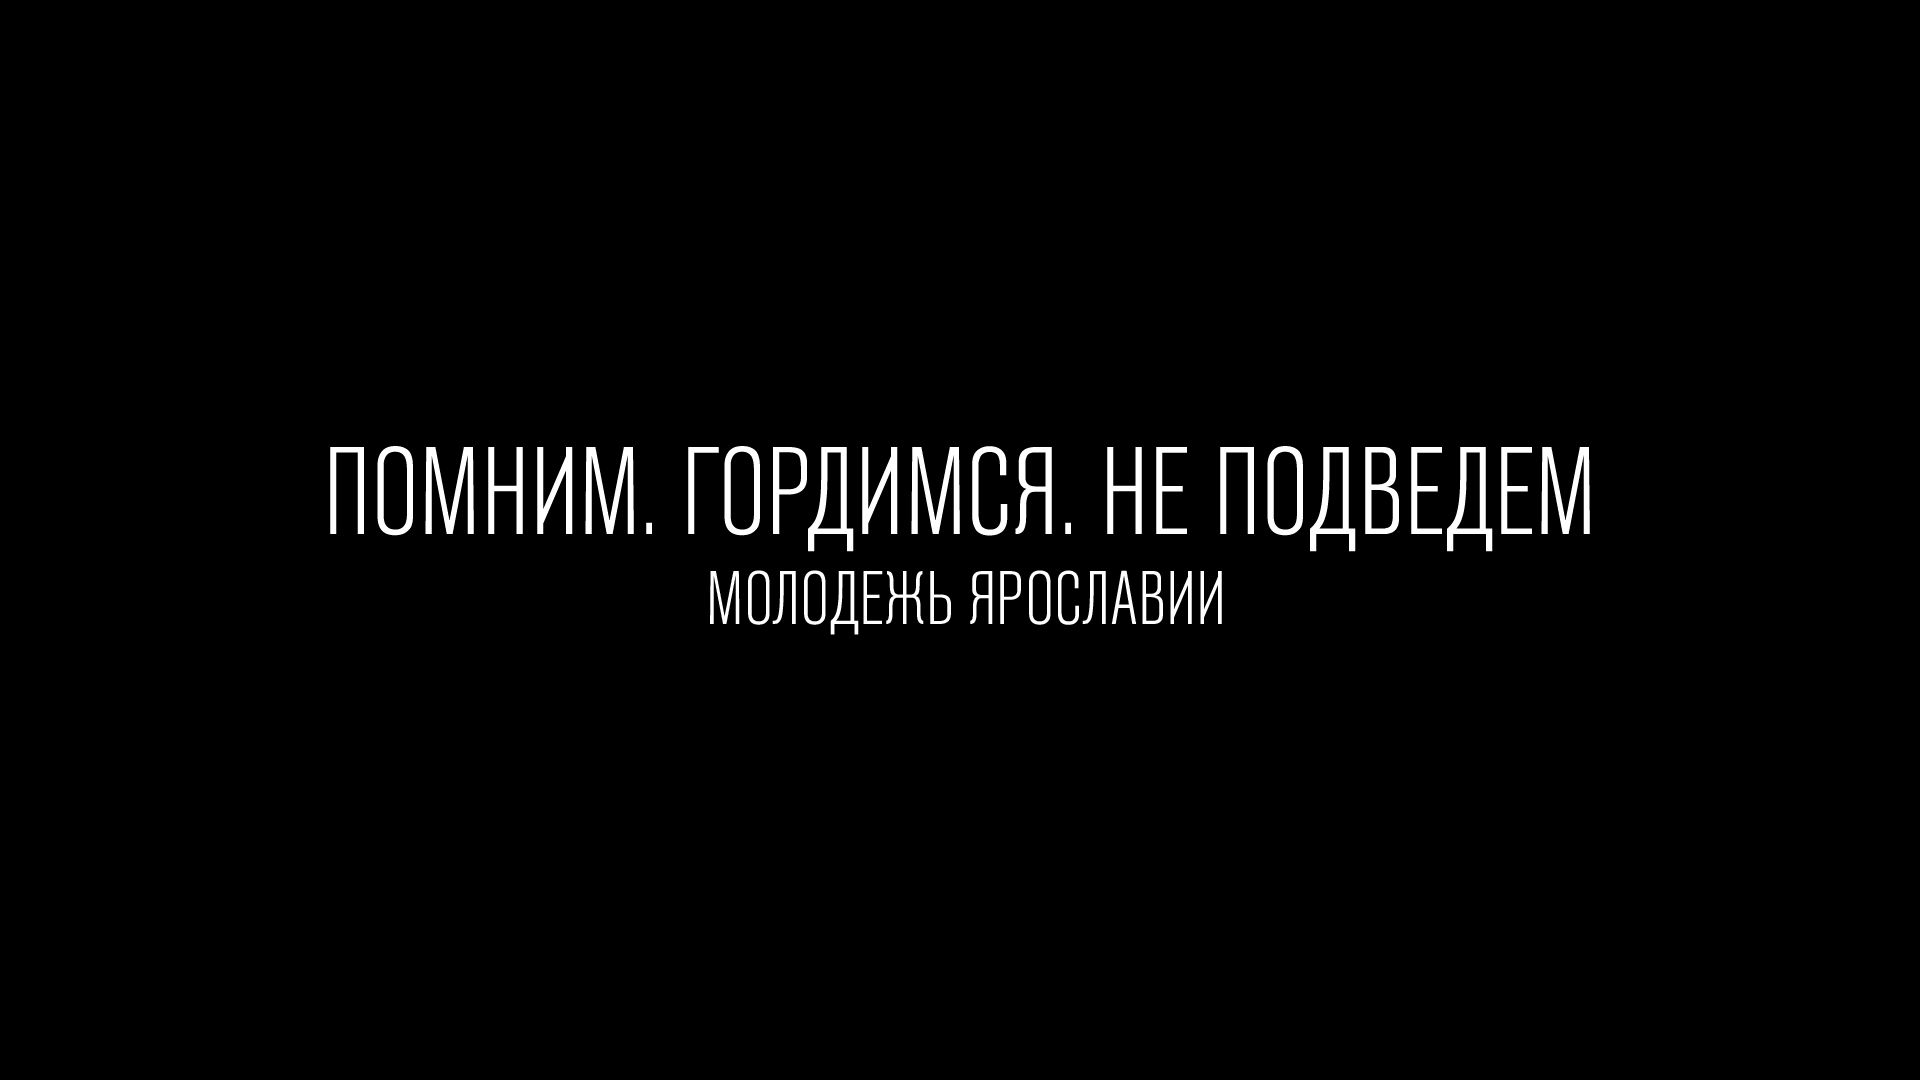 В Ярославской области проходит видеоэстафета по местам, связанным с Великой Отечественной войной